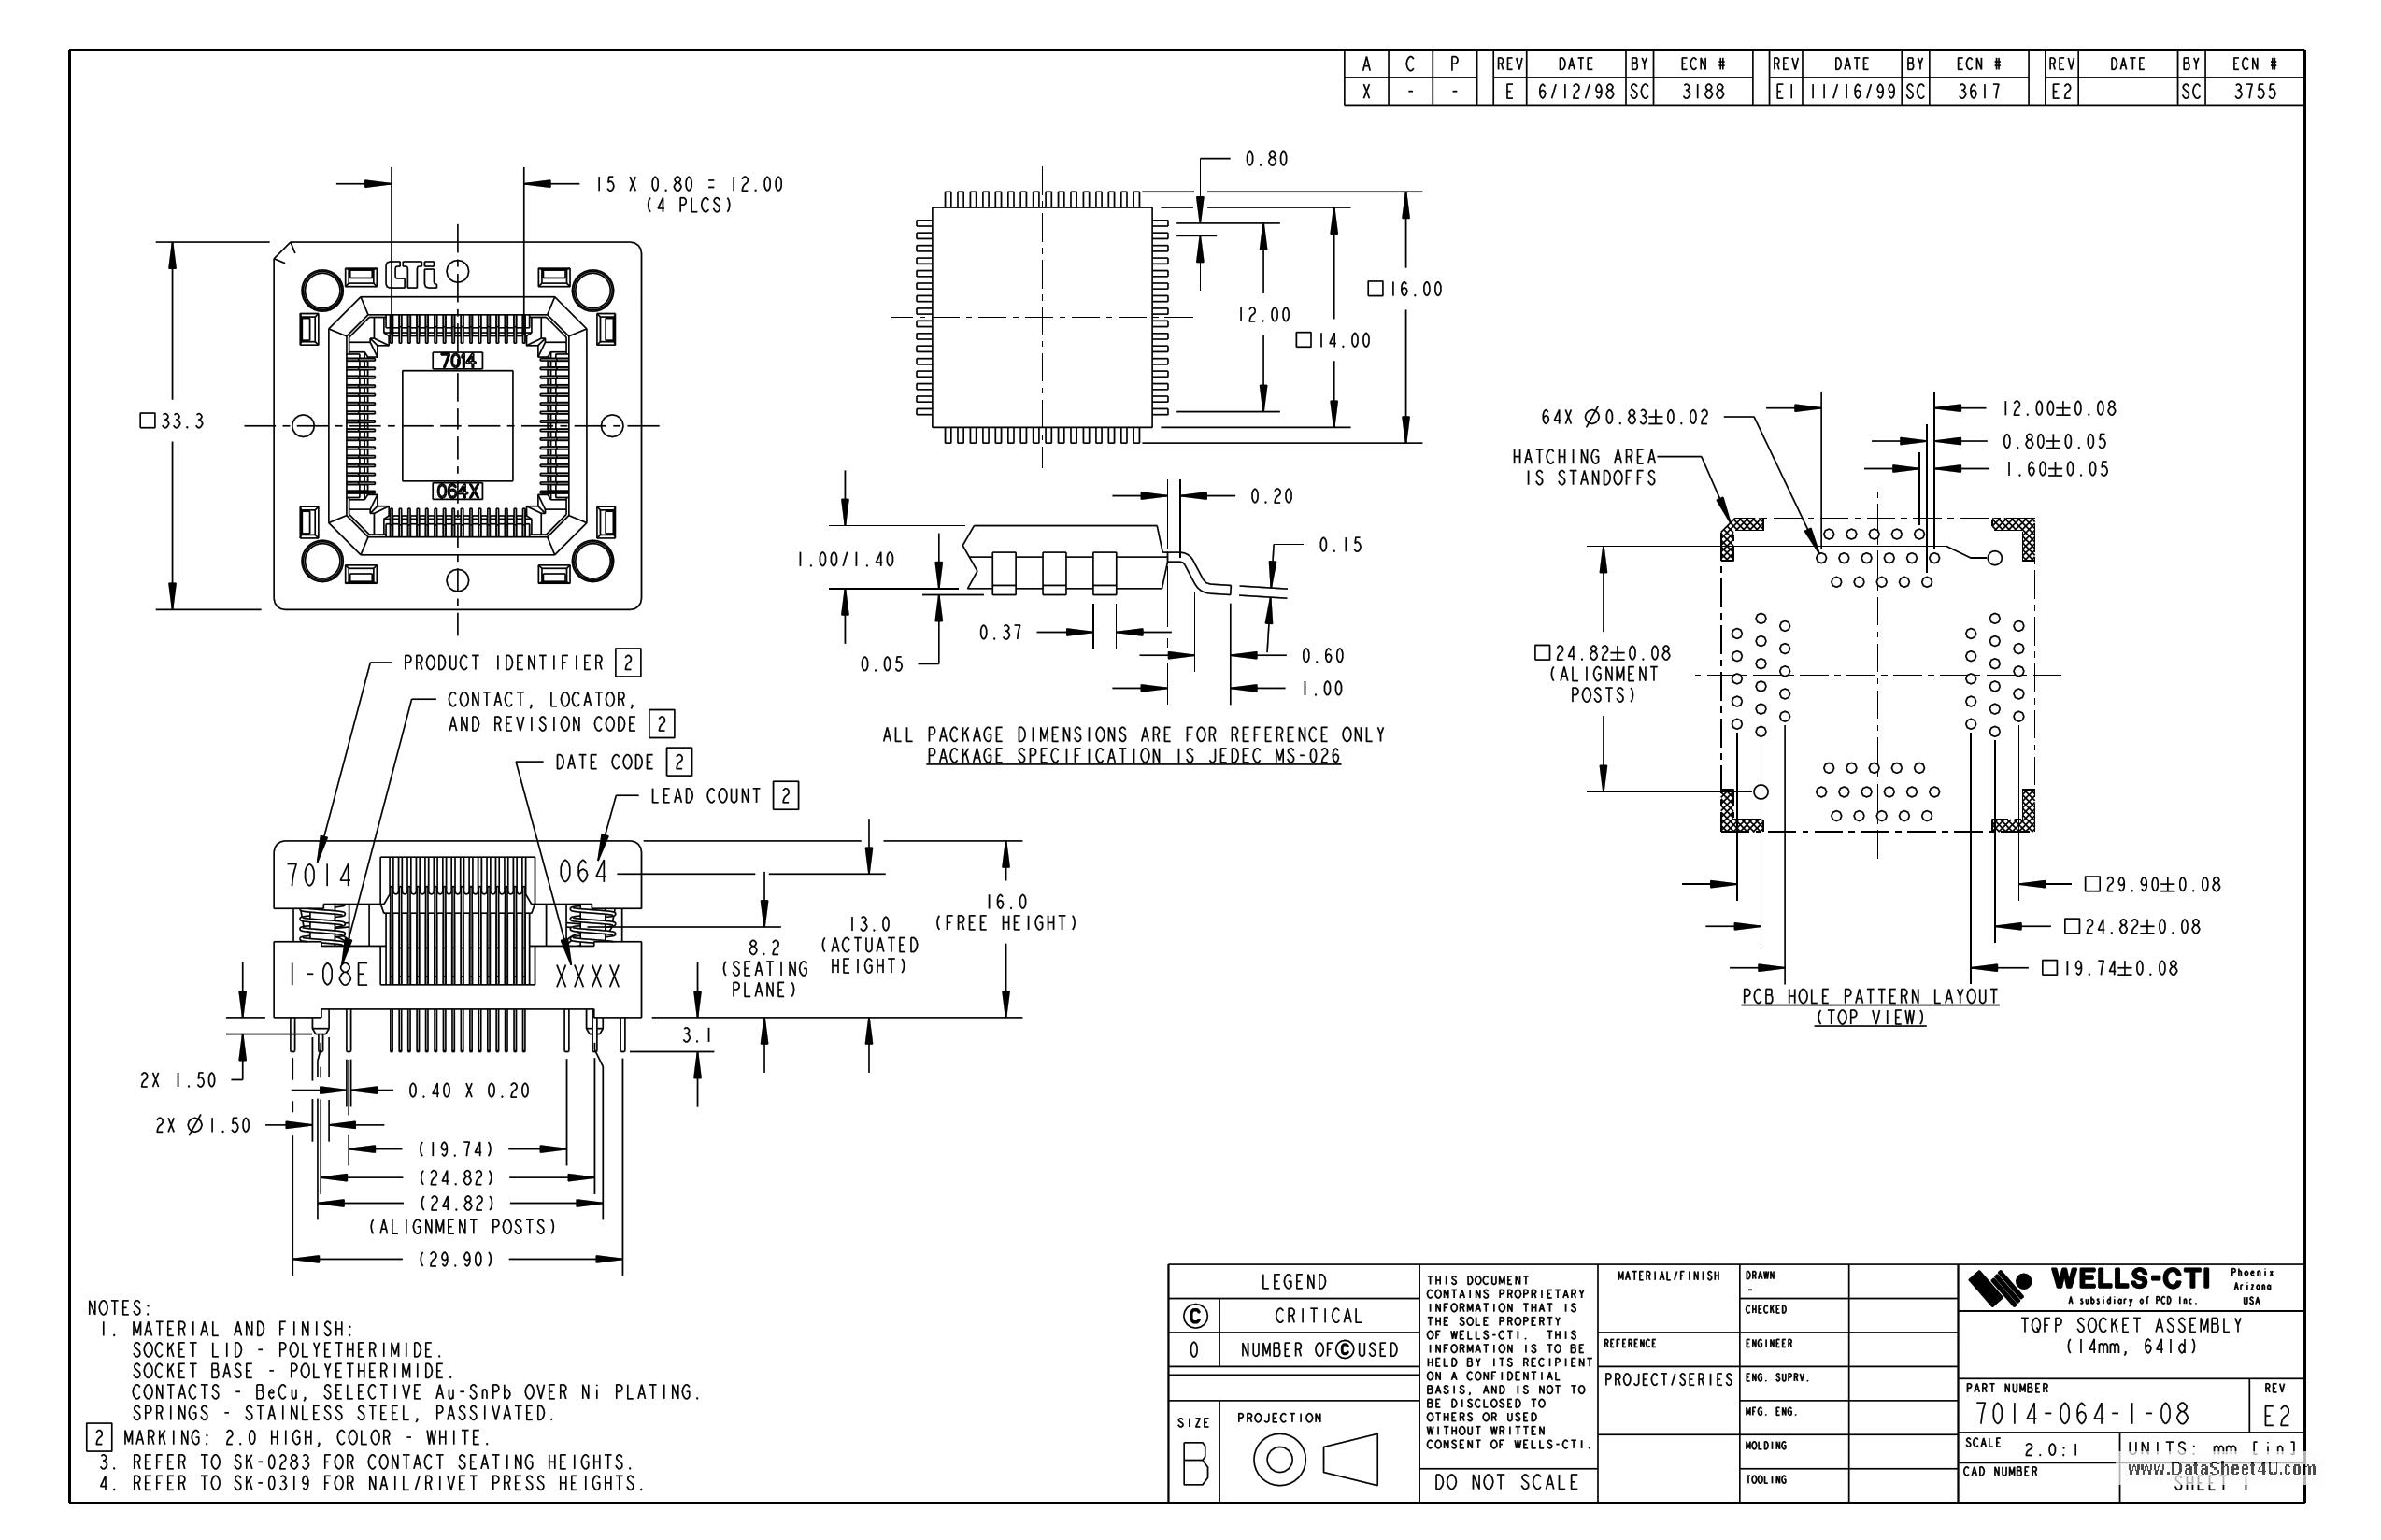 7014-064-1-08 دیتاشیت PDF